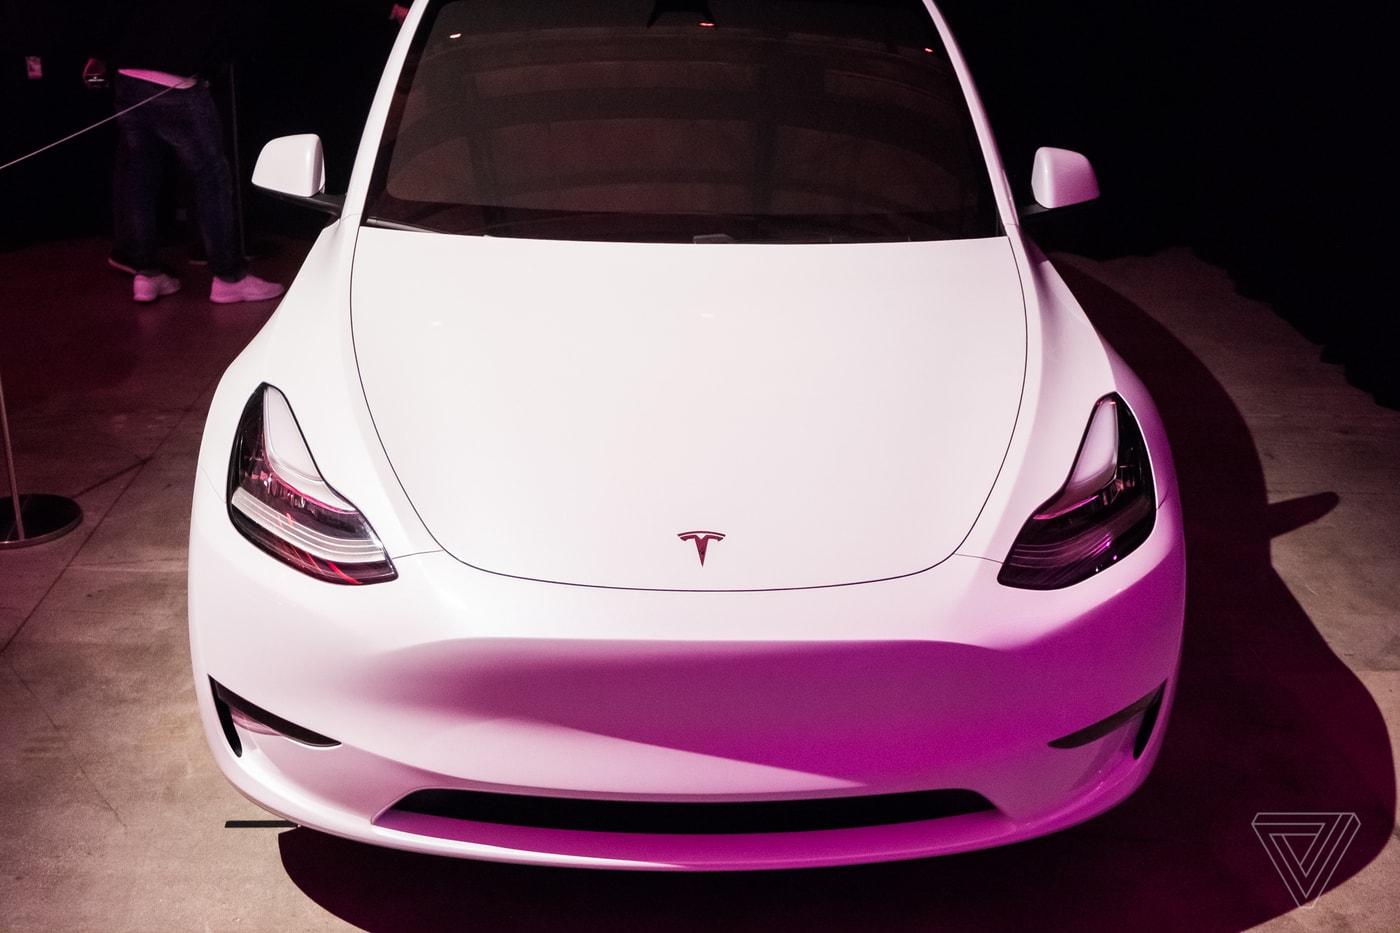 """Tính năng Autopilot của xe Tesla dễ dàng bị """"đánh lừa"""" khi không có ai ngồi trên ghế lái"""